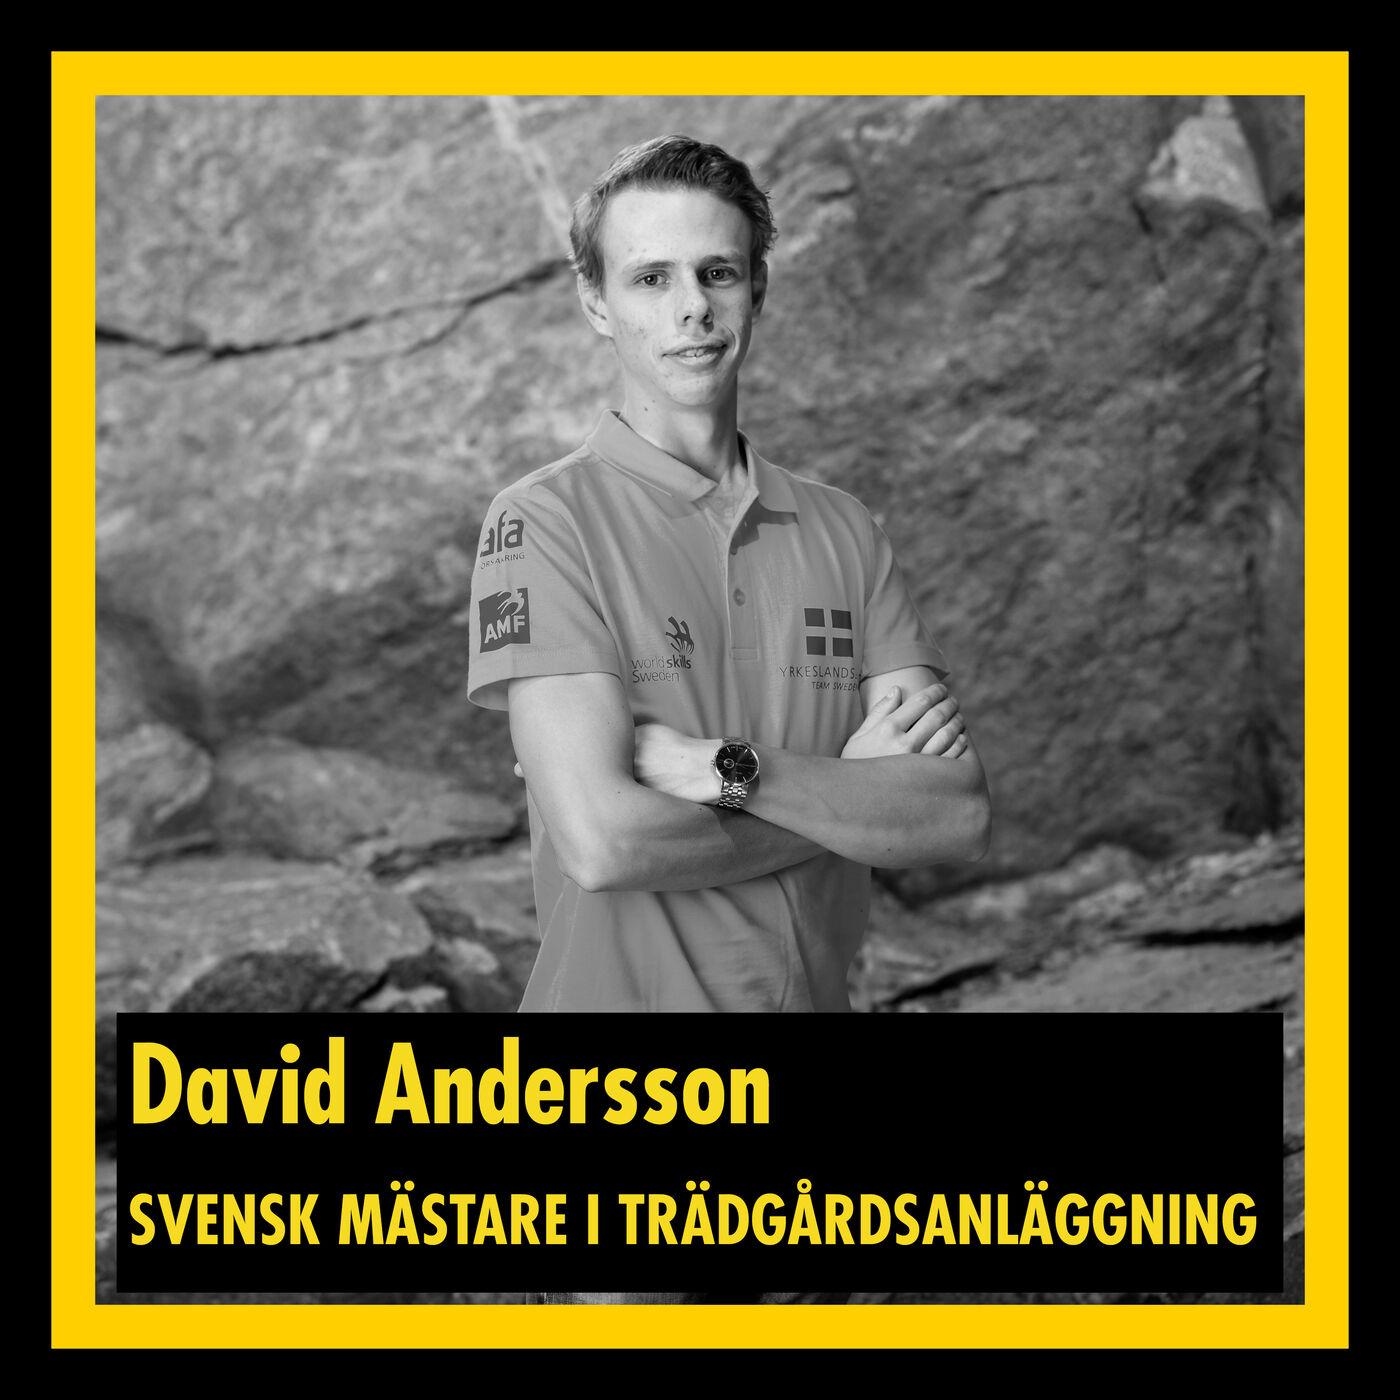 David Andersson - Svensk mästare i trädgårdsanläggning